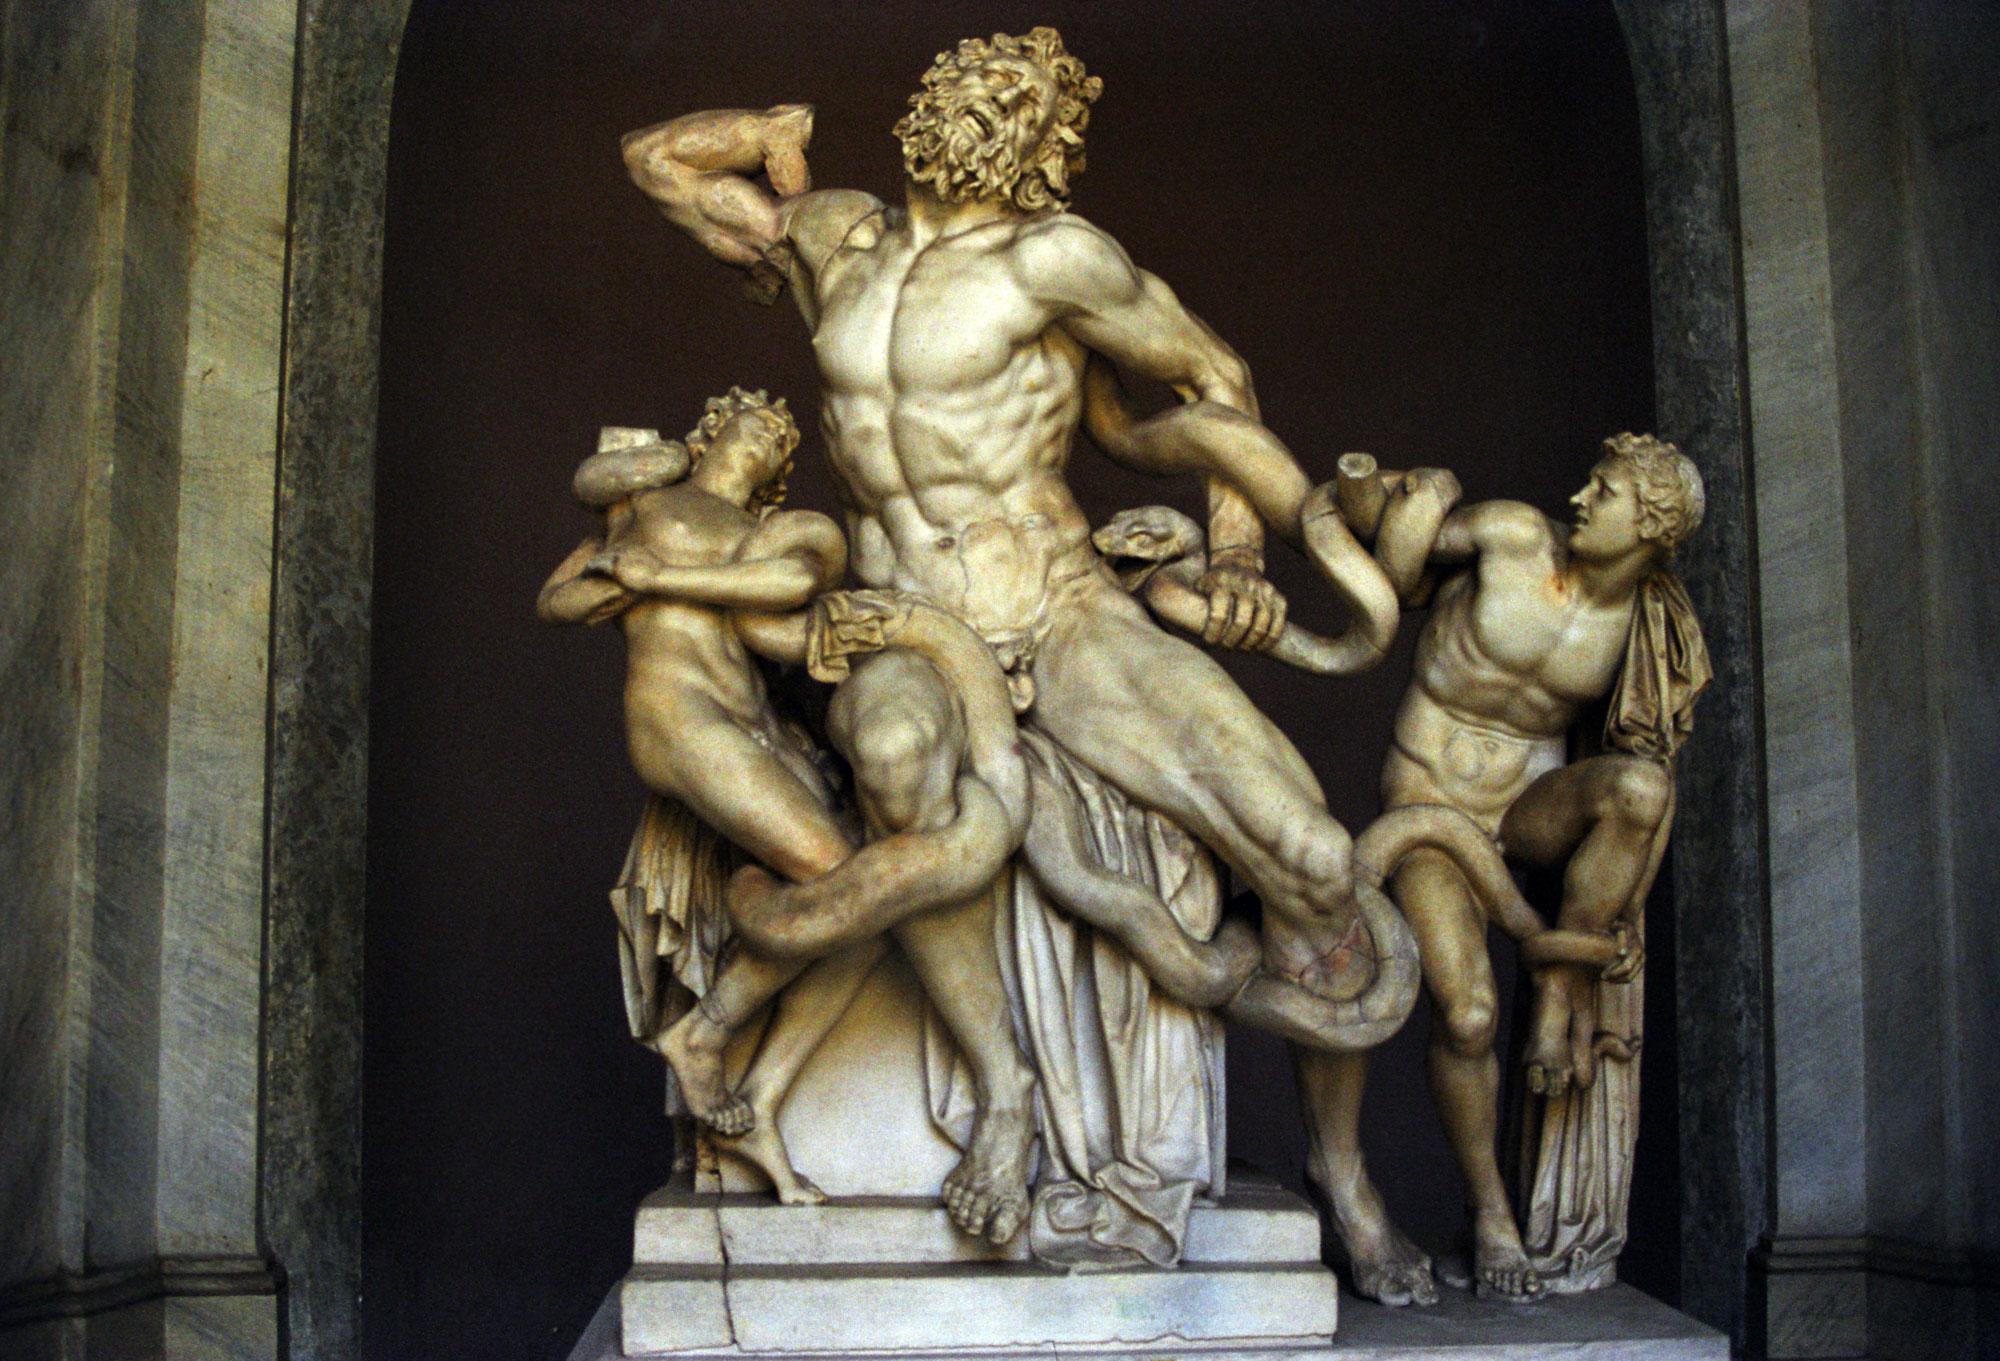 'Laocoonte e i suoi figli'', Agesandro, Atanodoro e Polidoro, marmo, I d.C., Musei Vaticani